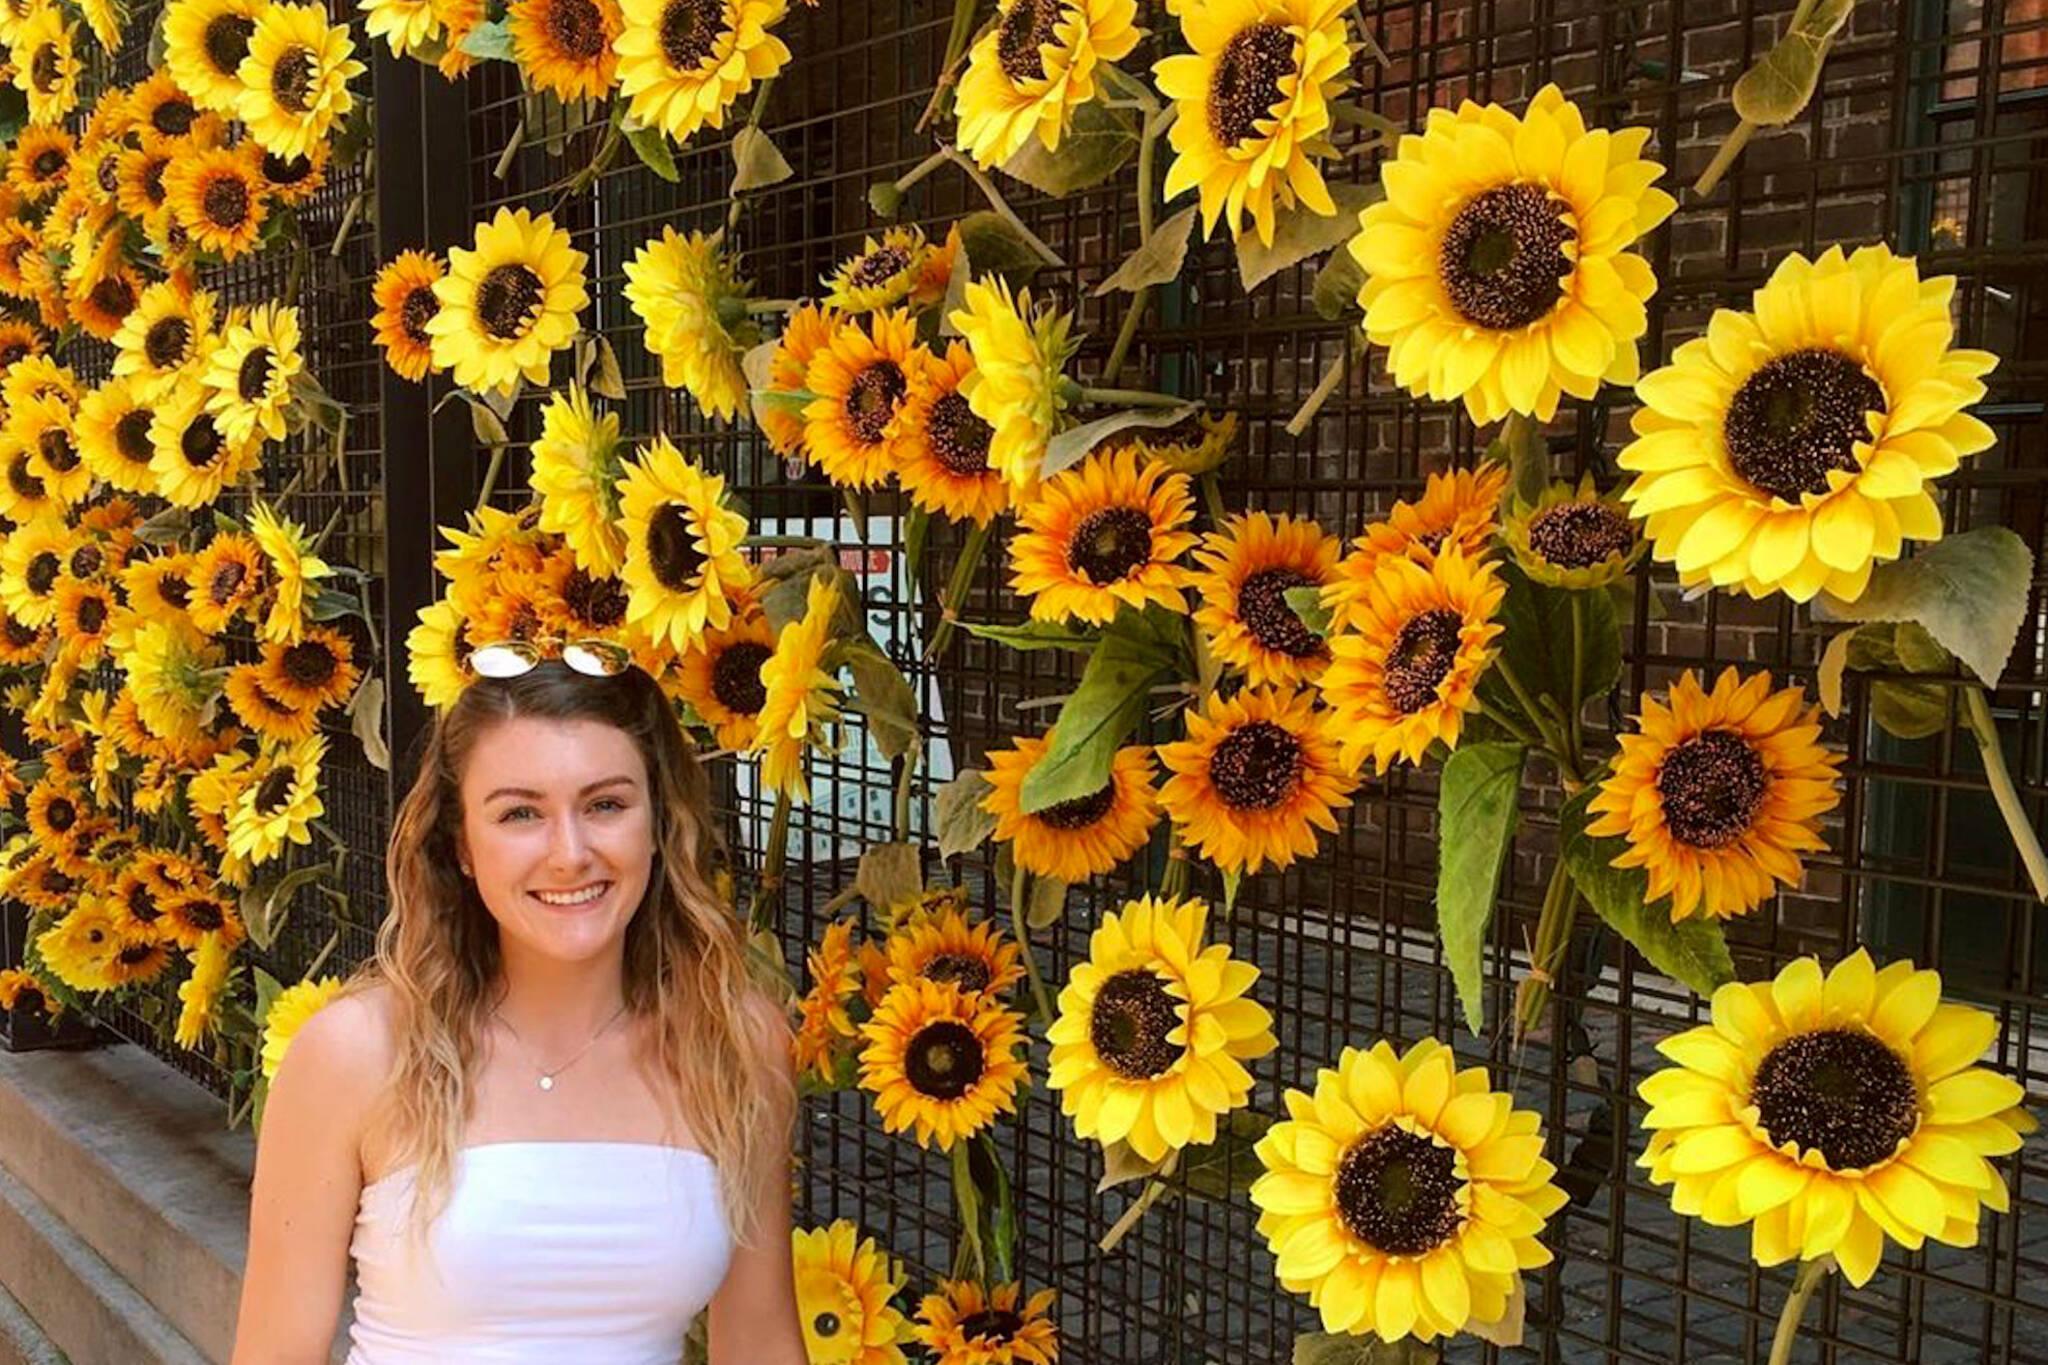 sunflowers toronto